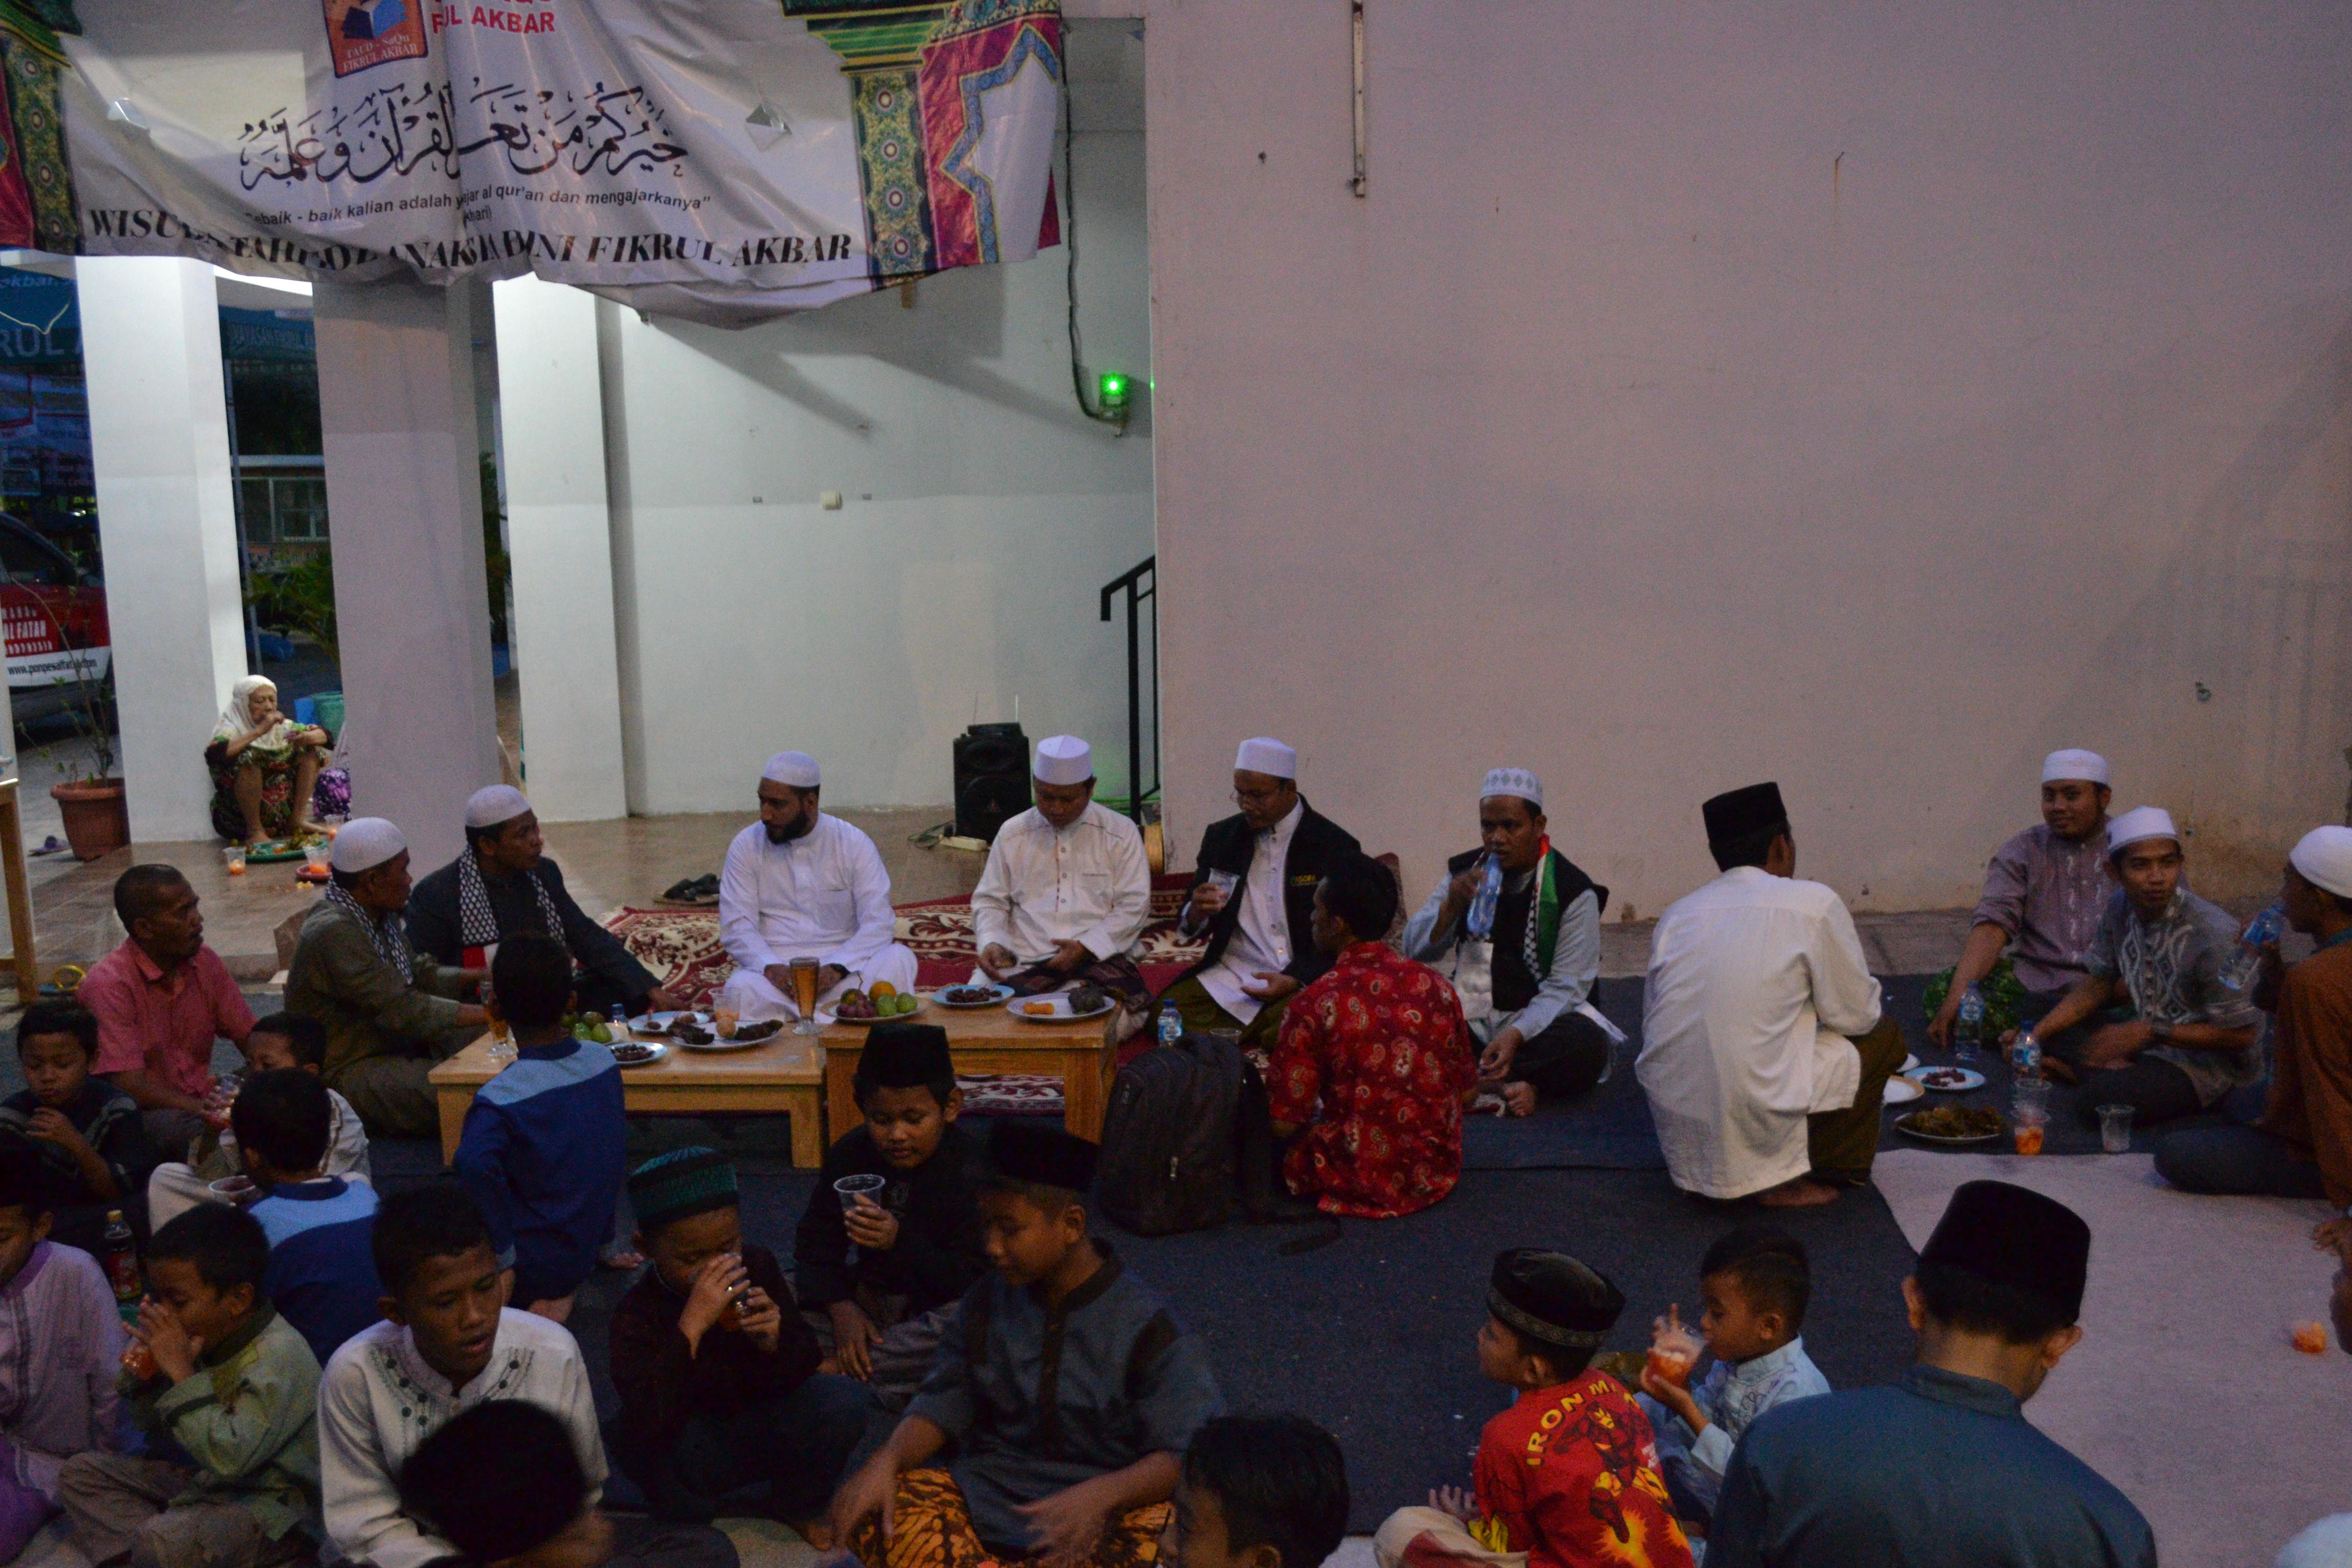 Iftor Jama'i Masjid Fatimah Bersama Syaikh Ayoub Mousa Yousep Dari Palestina